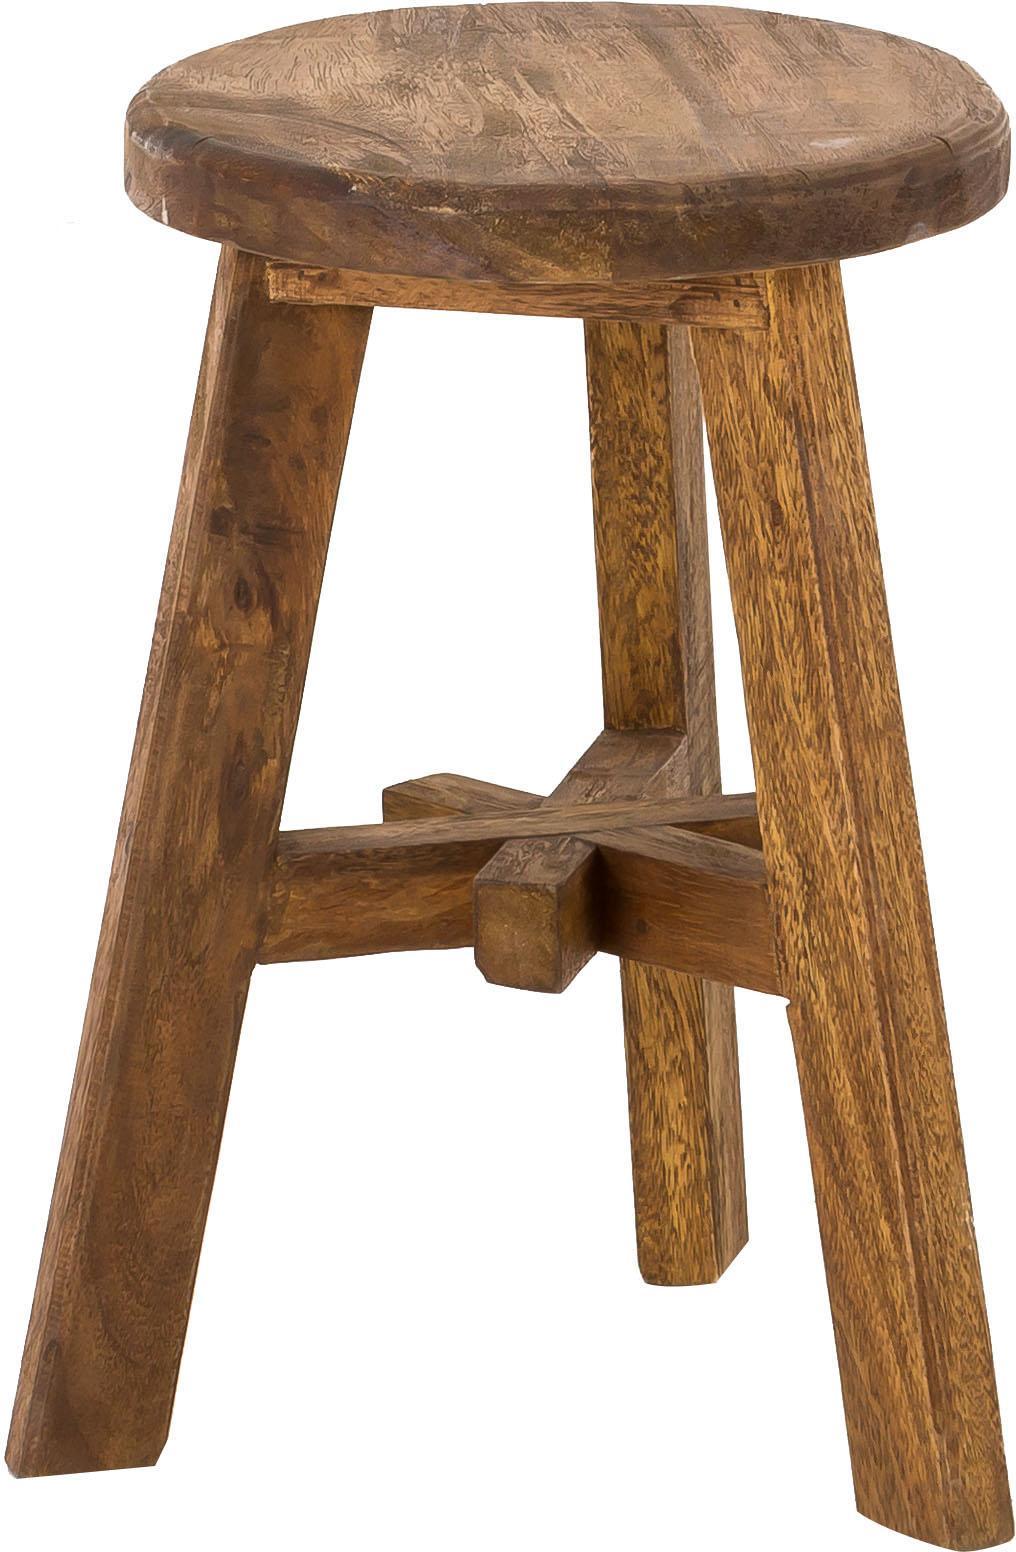 Sgabello in legno di teak Dingklik, Legno di teak verniciato, Legno di teak, marrone scuro tinto, Ø 42 x Alt. 50 cm